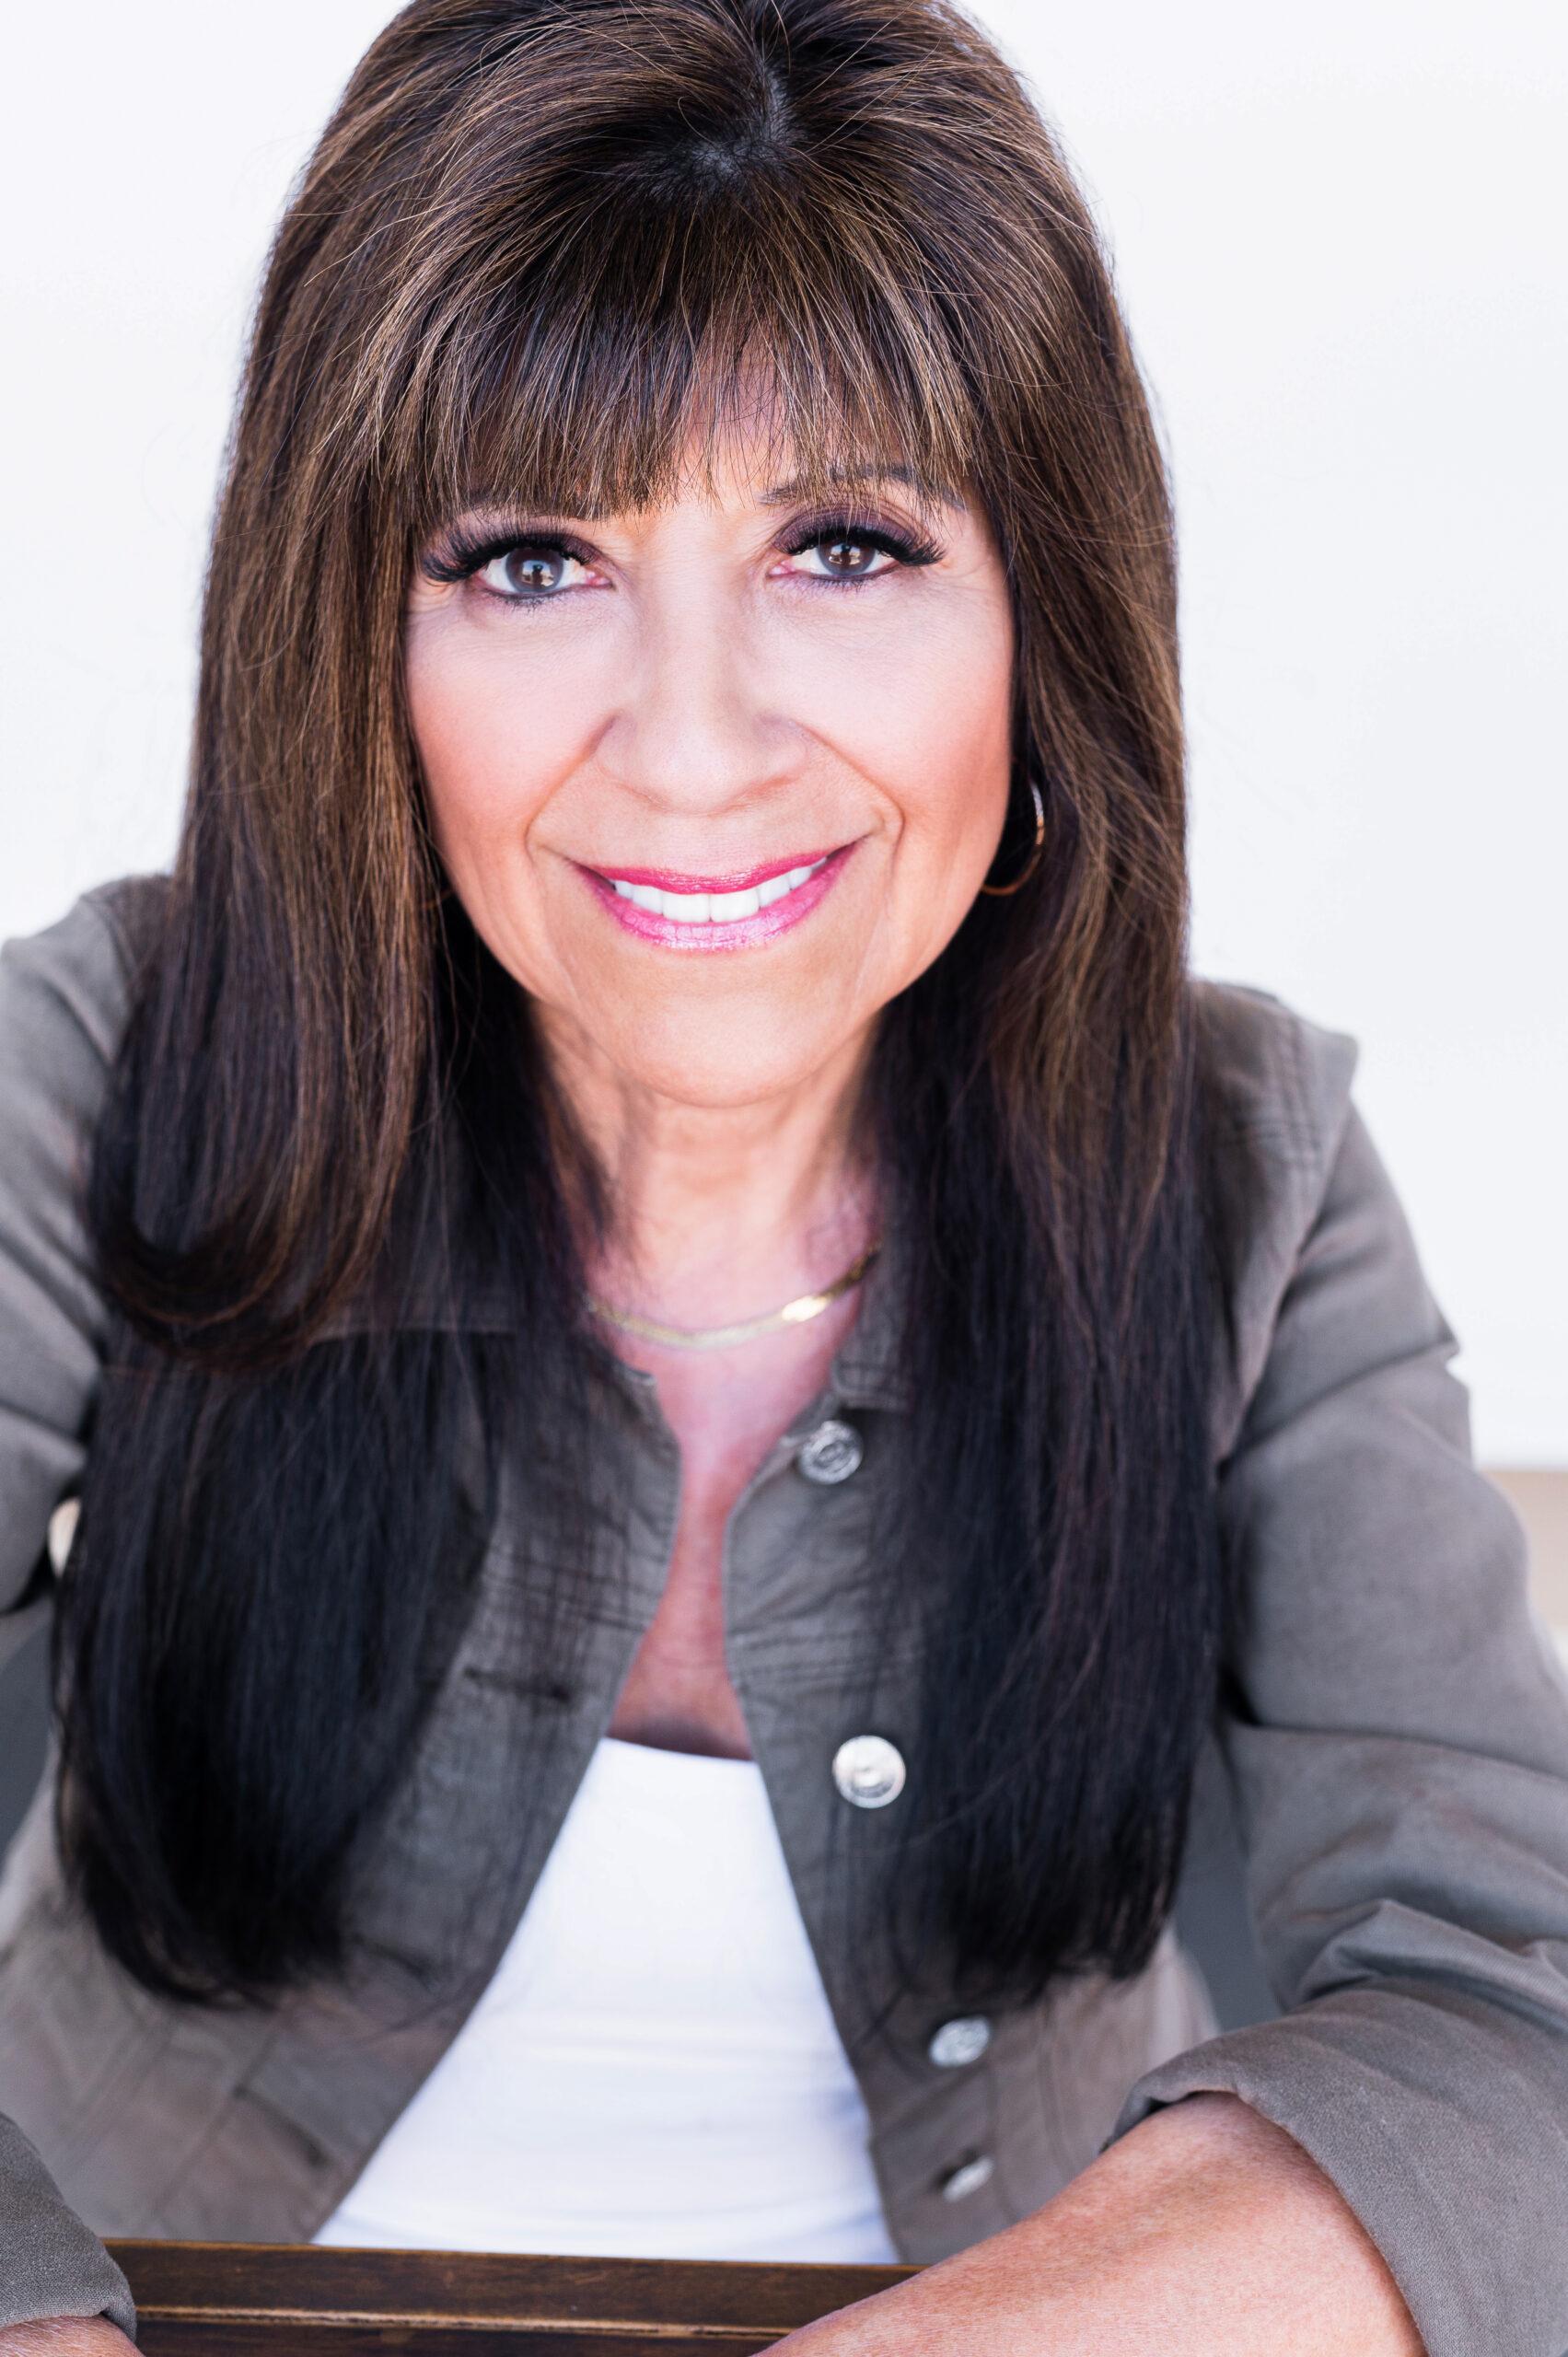 Marisa Shadrick